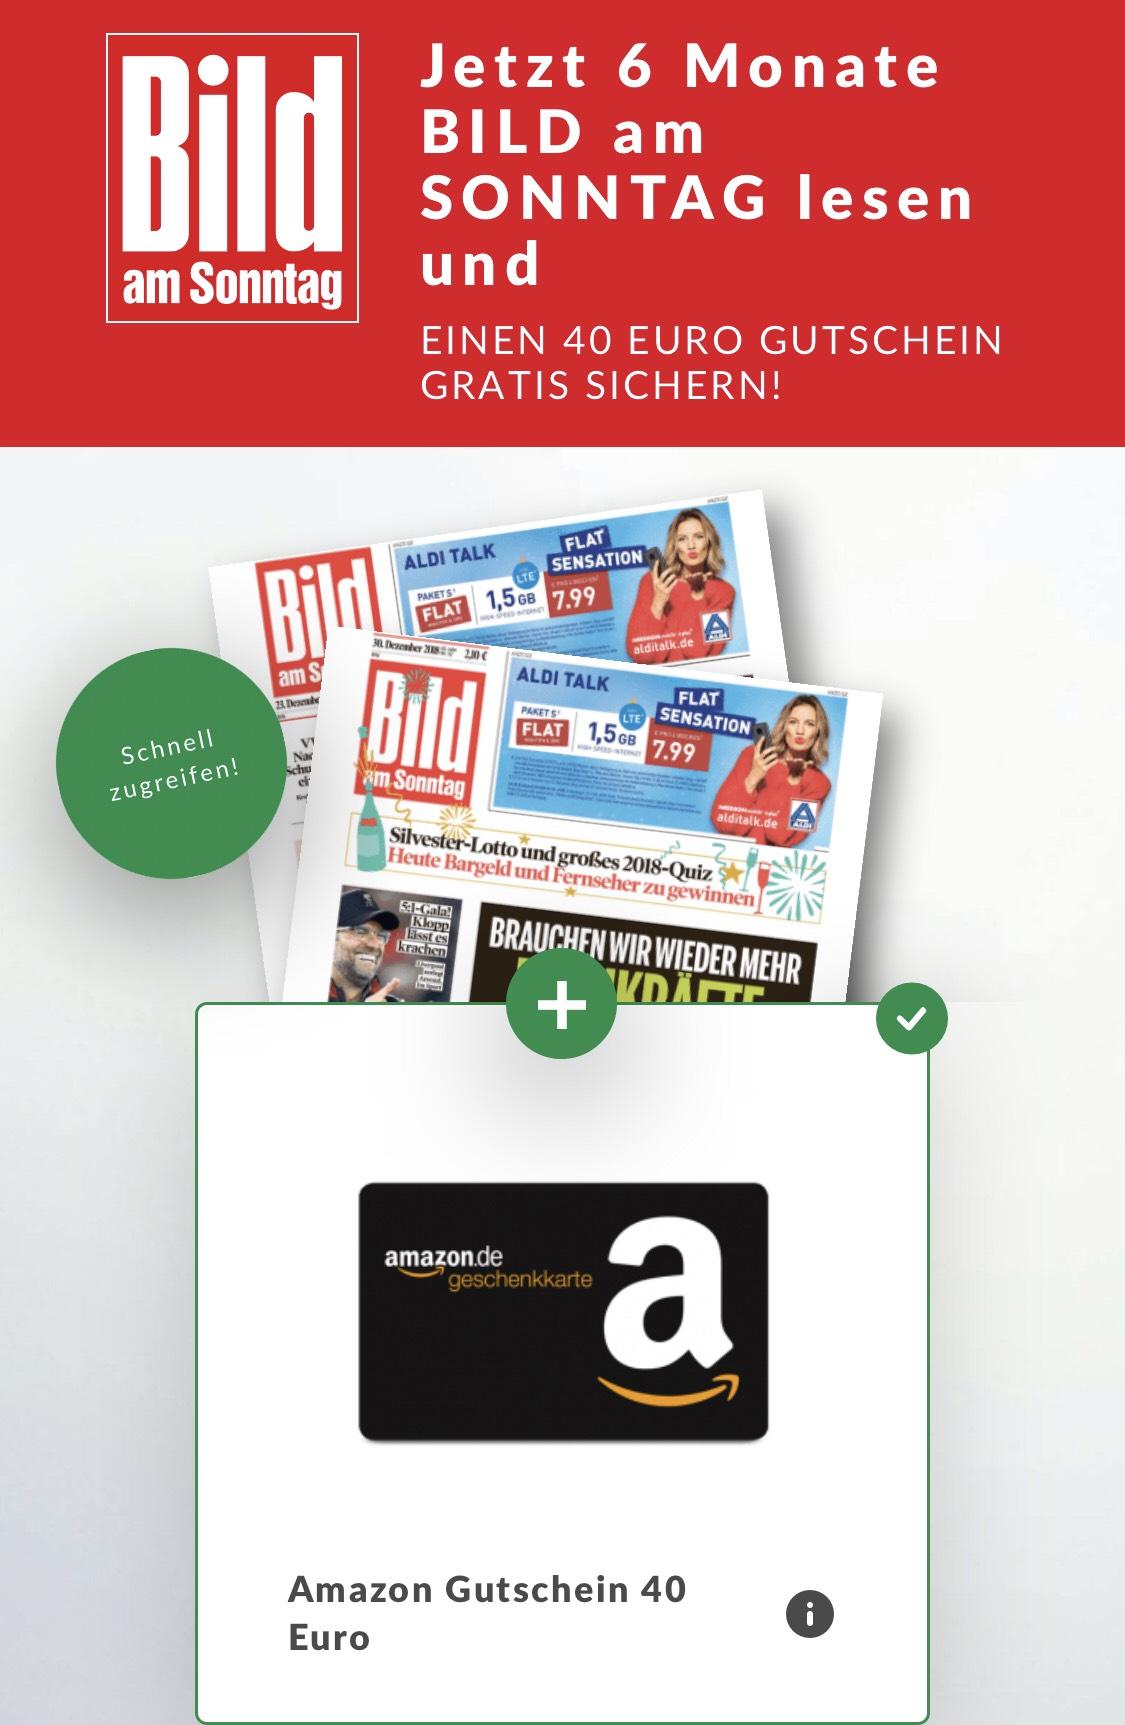 6 Monate BAMS Bild am Sonntag mit 40€ Amazon Gutschein